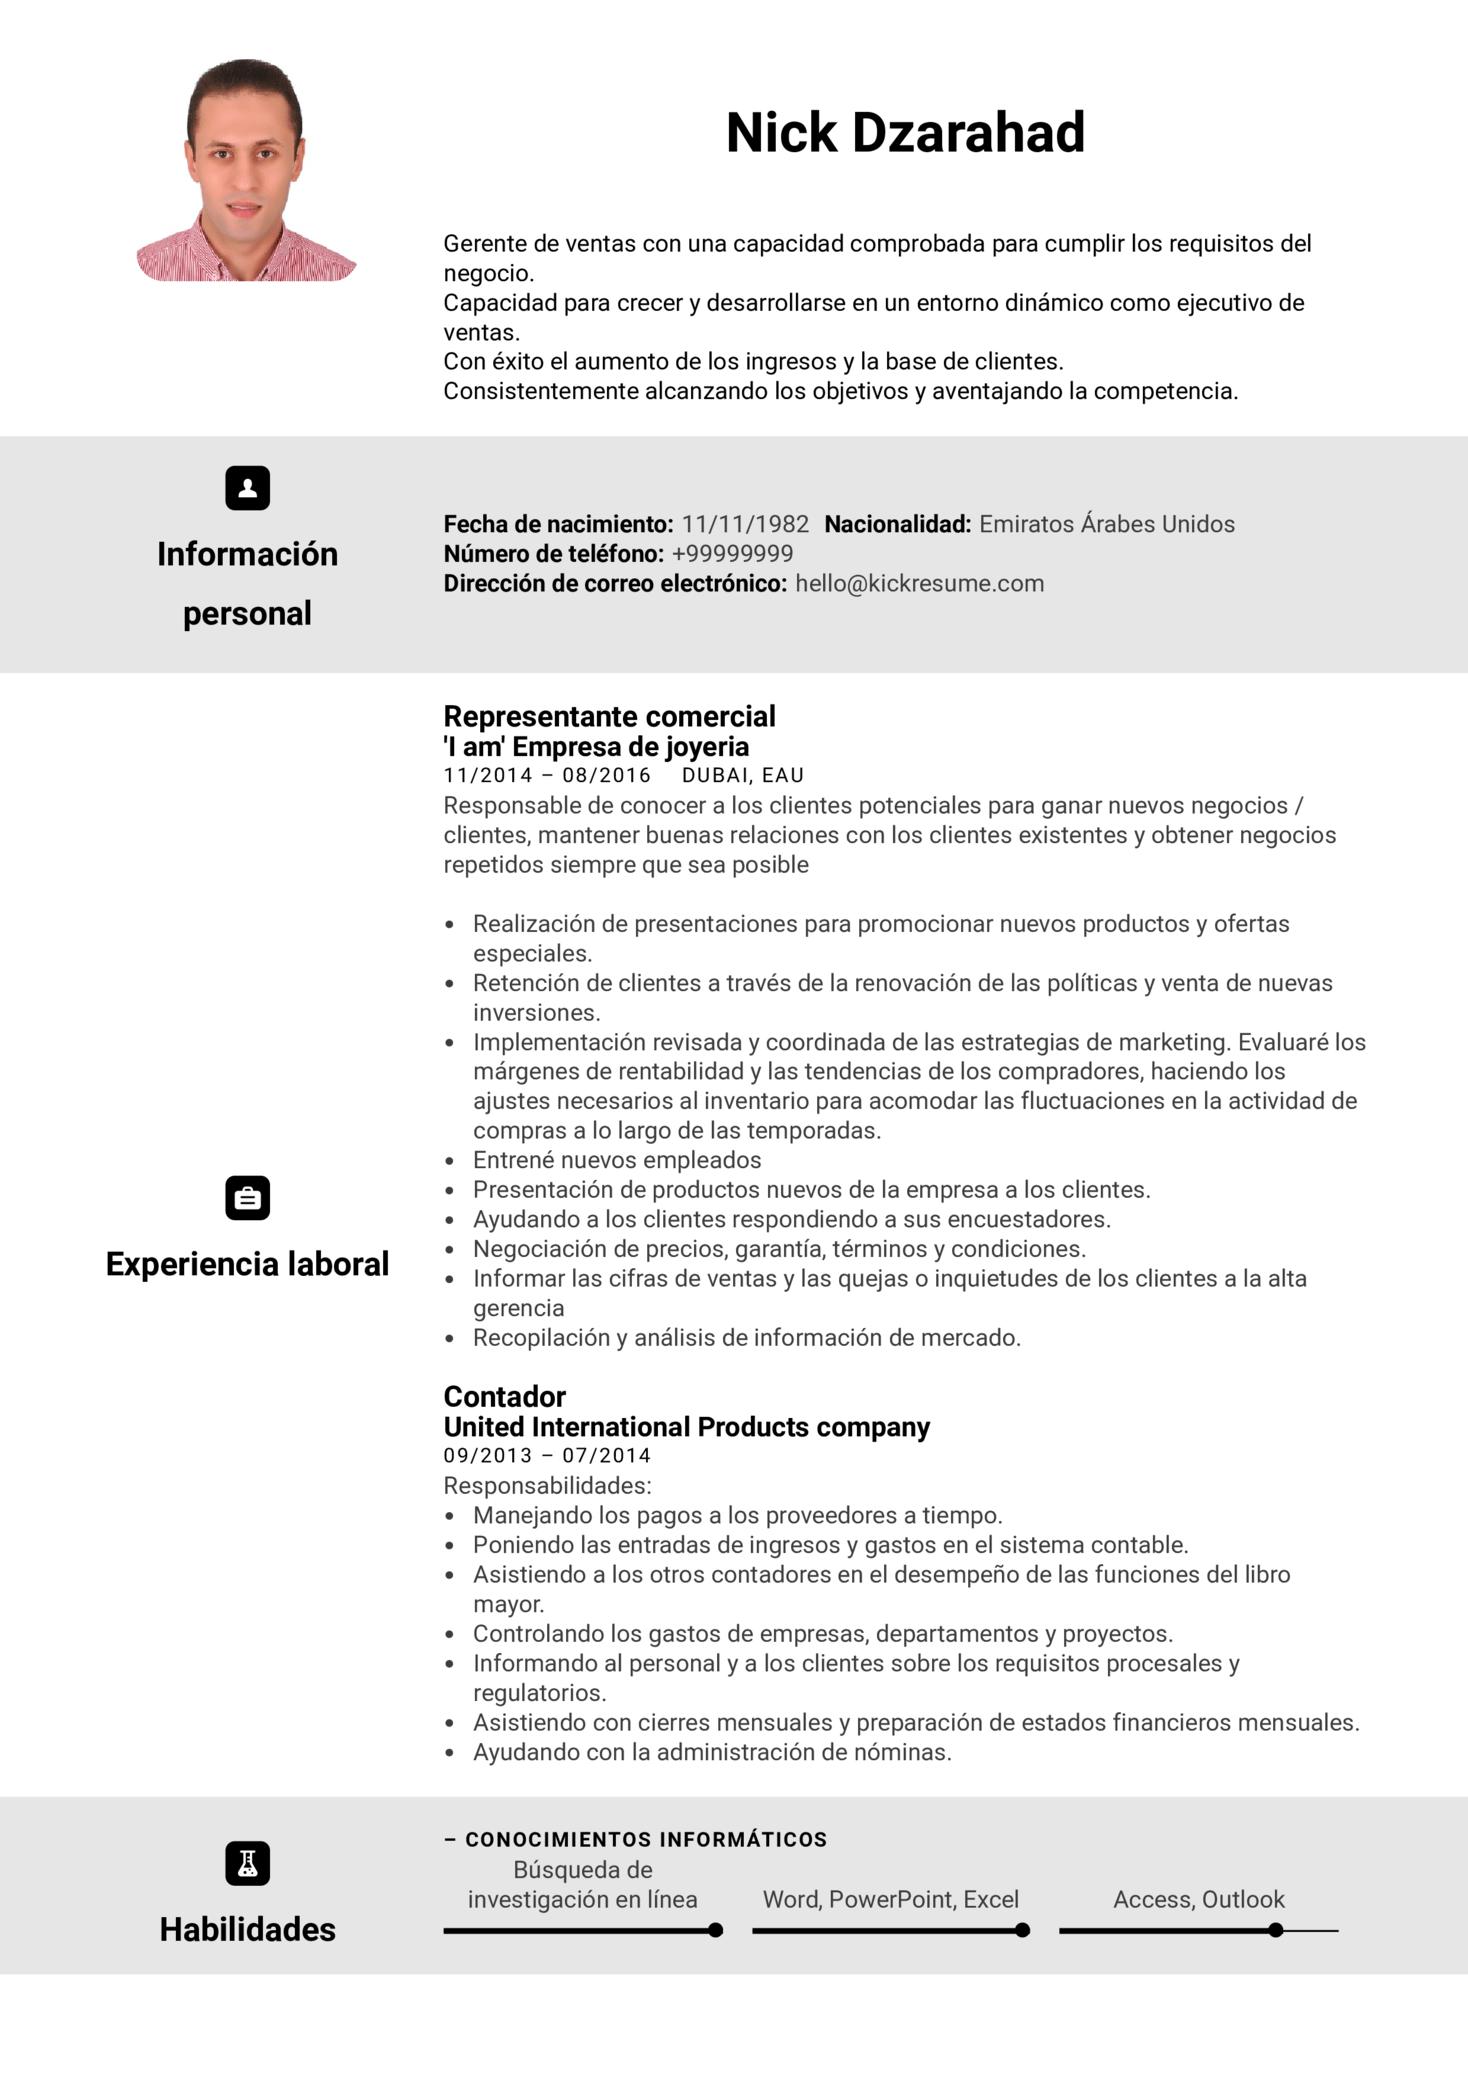 Representante de ventas en Adidas currículum ejemplo [ES] (Part 1)